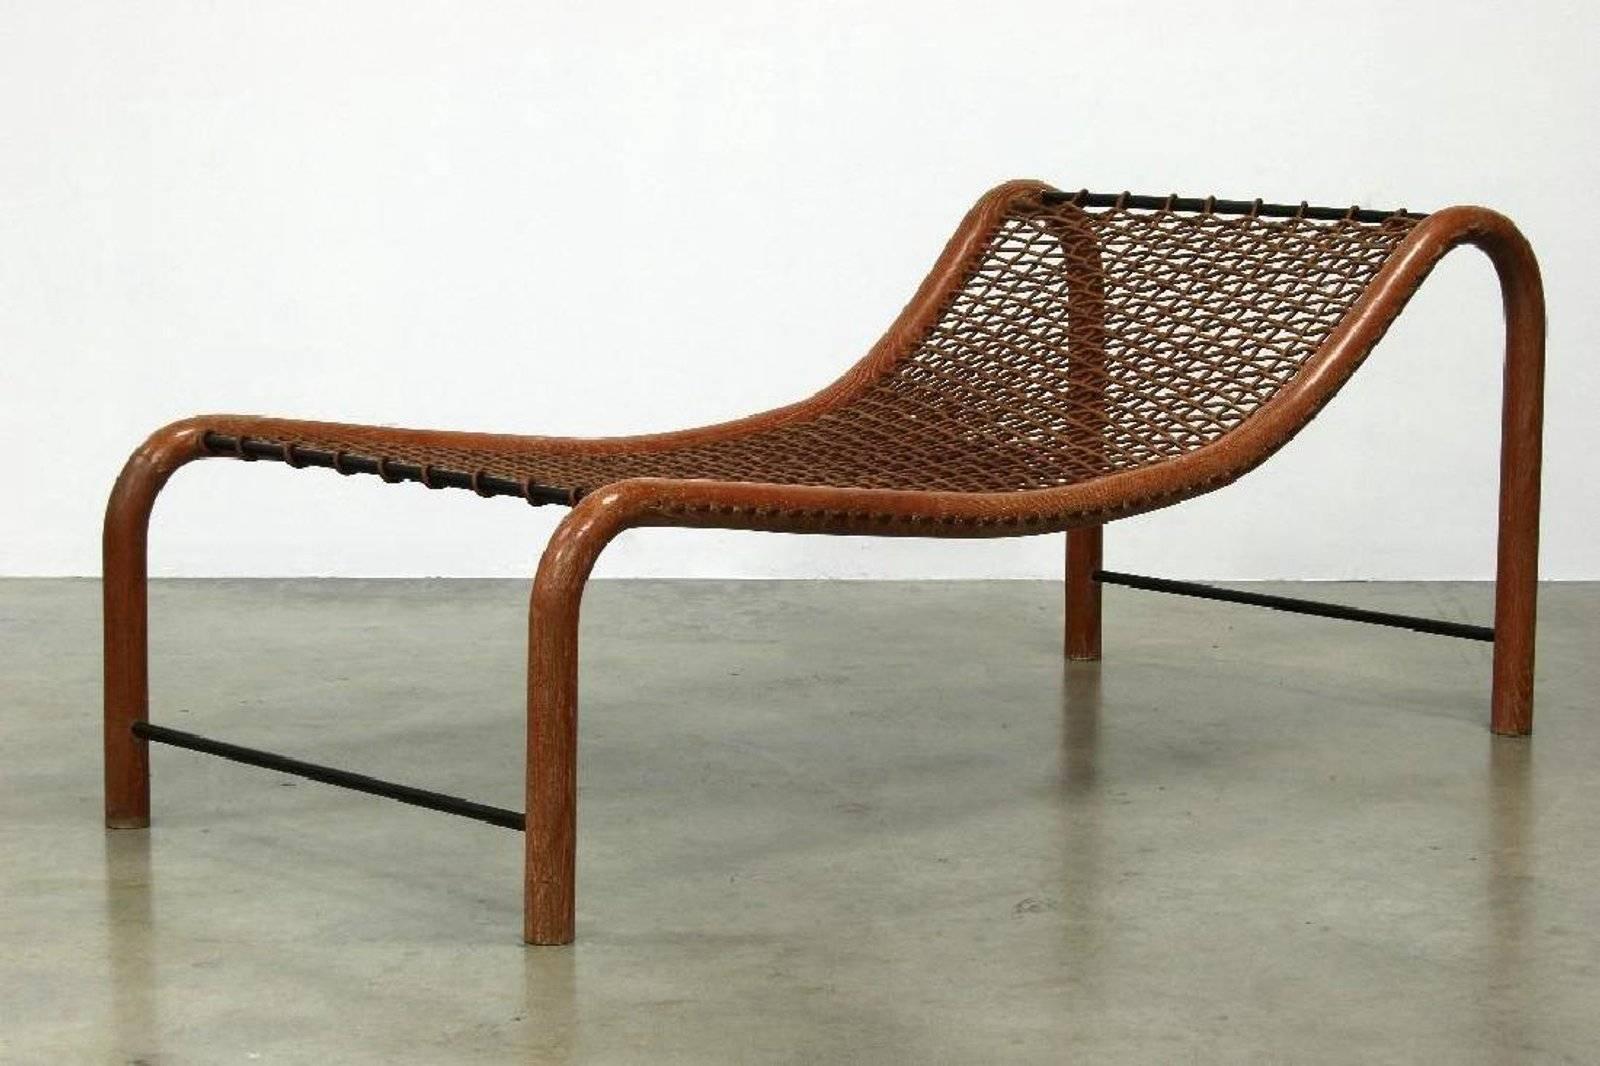 Übergroße Chaise Lounge Stühle Woven Von William Emmerson 4